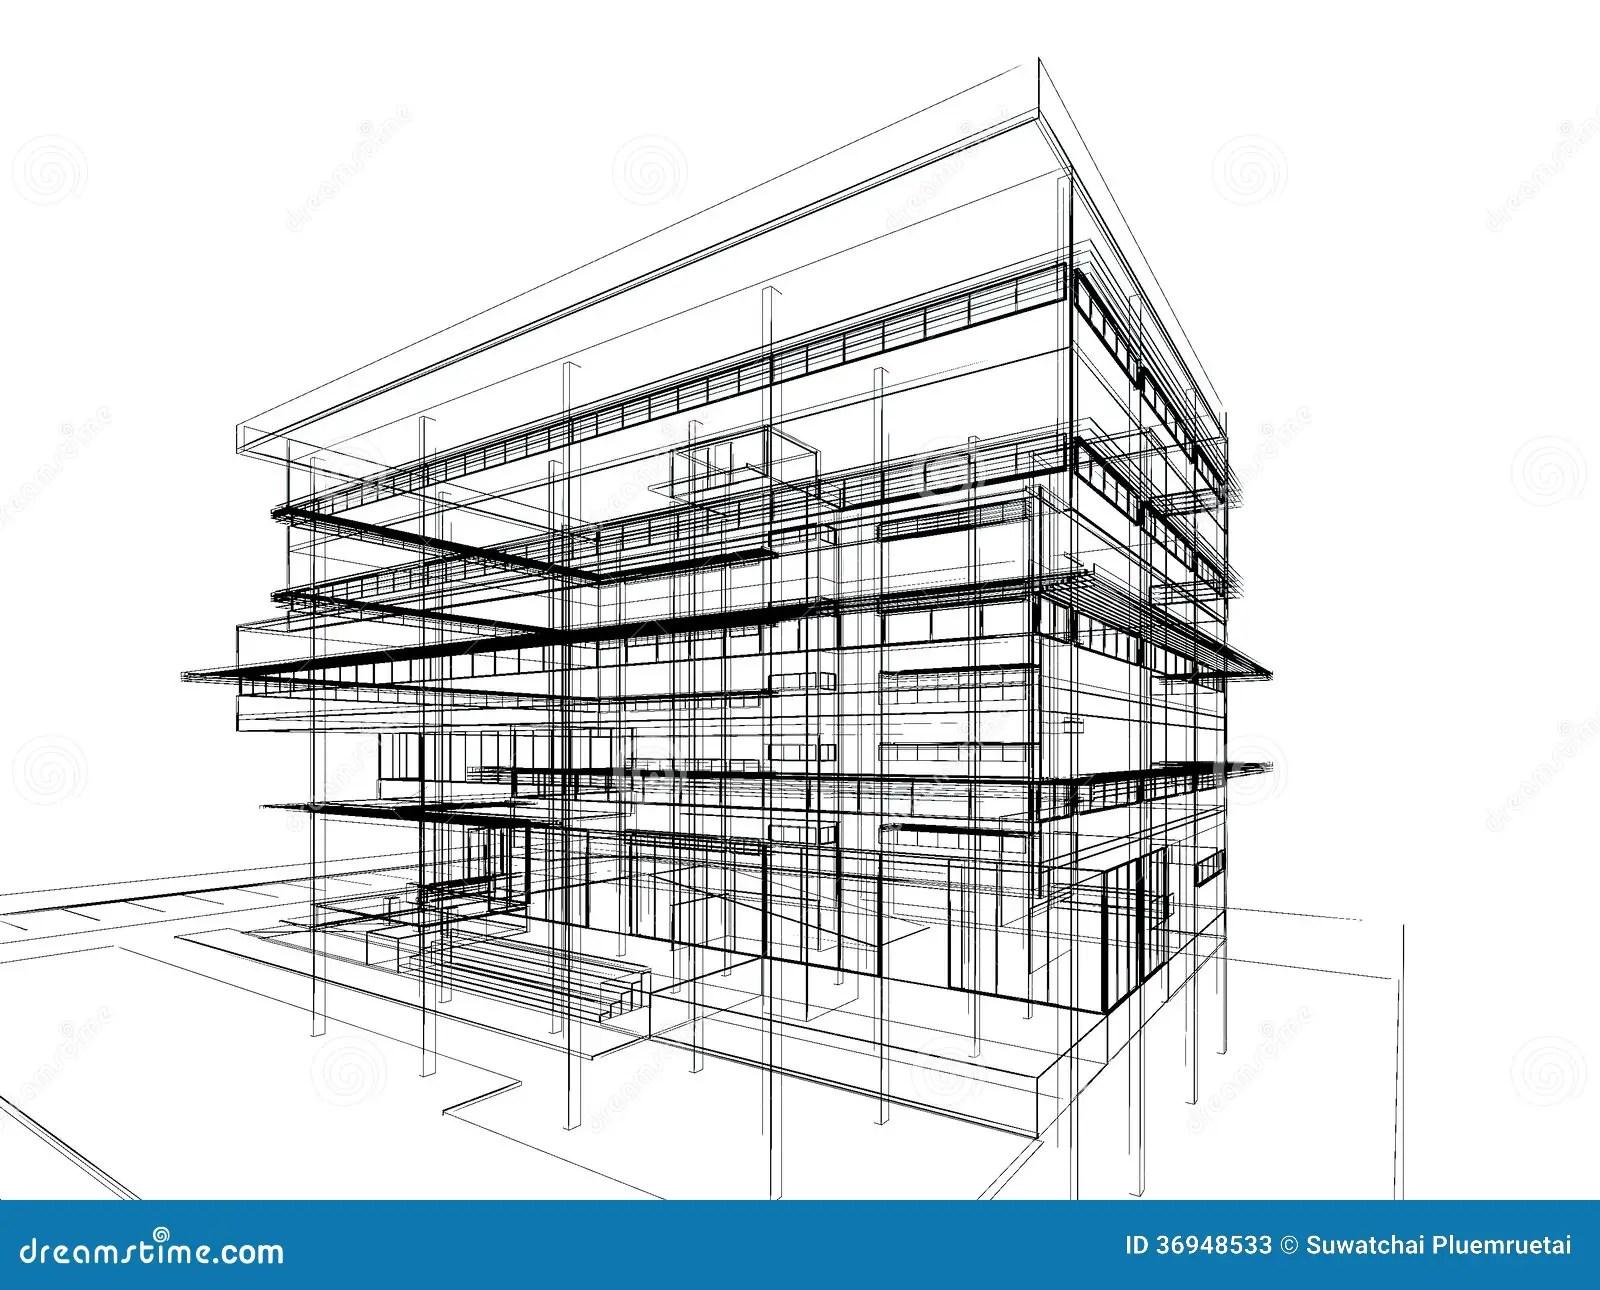 Sketch Design Of Building Stock Illustration Illustration